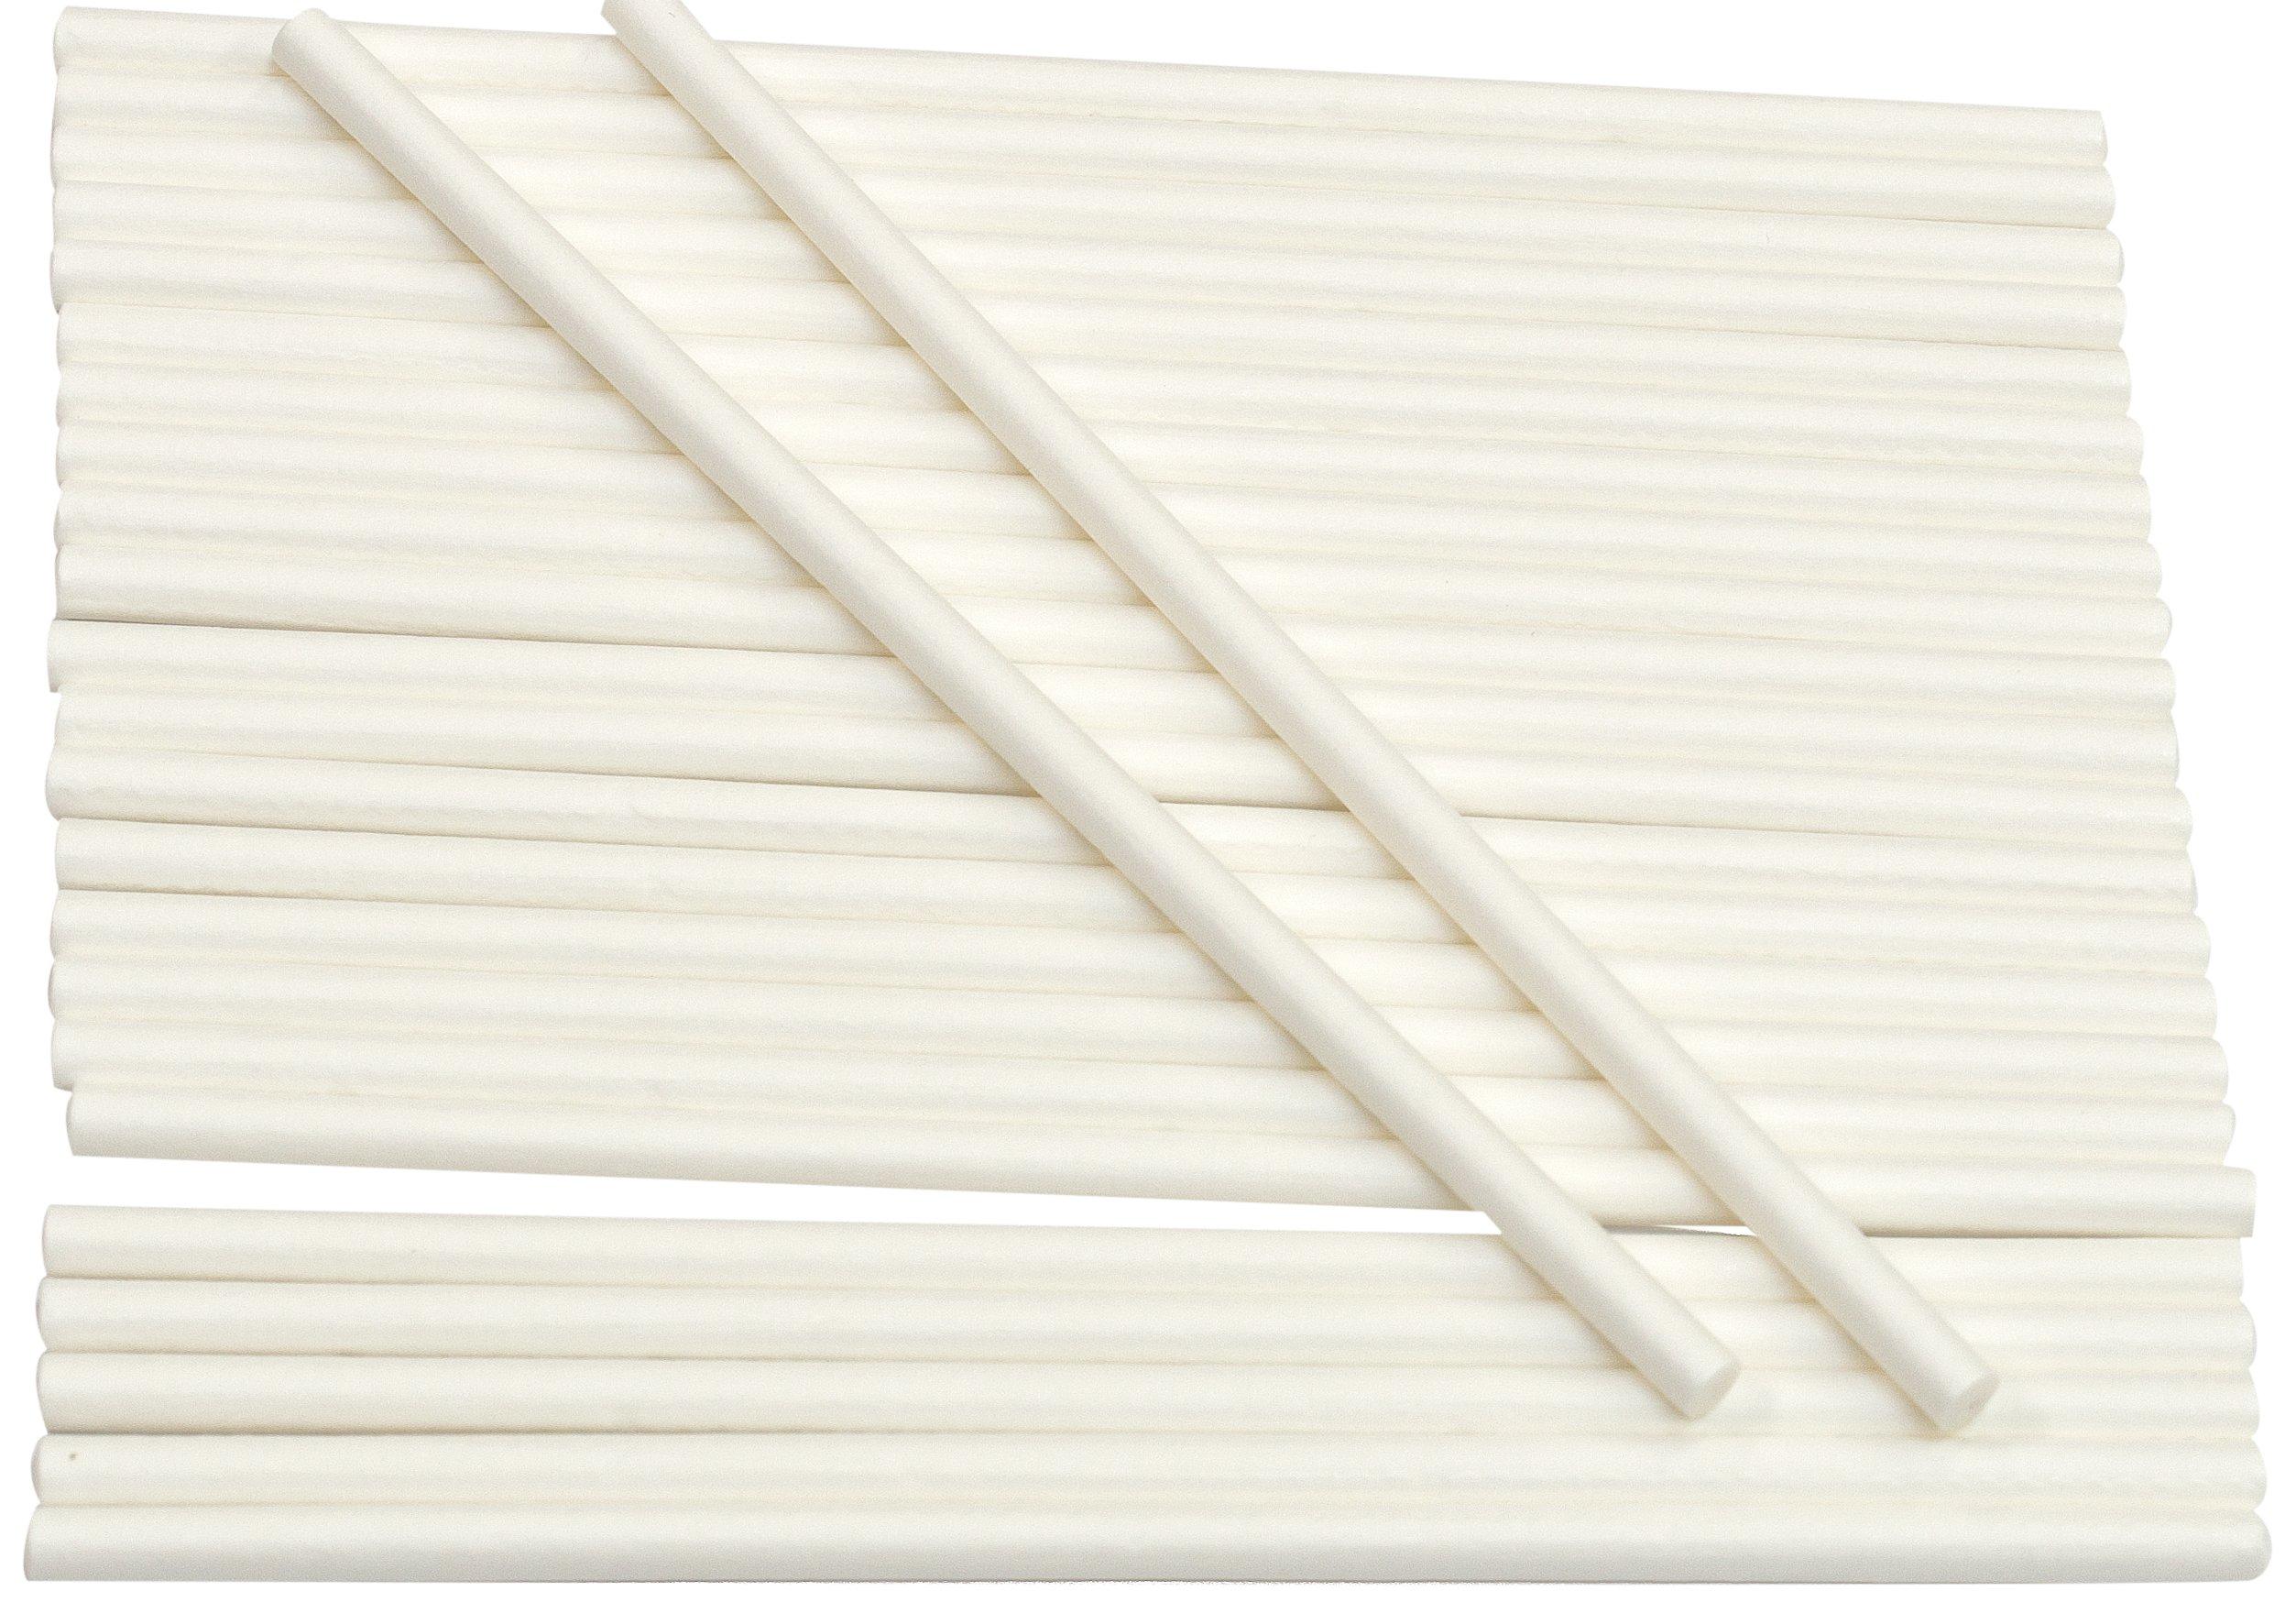 Cybrtrayd Paper Lollipop Sticks, 6-Inch by 5/32-Inch, Case of 10000